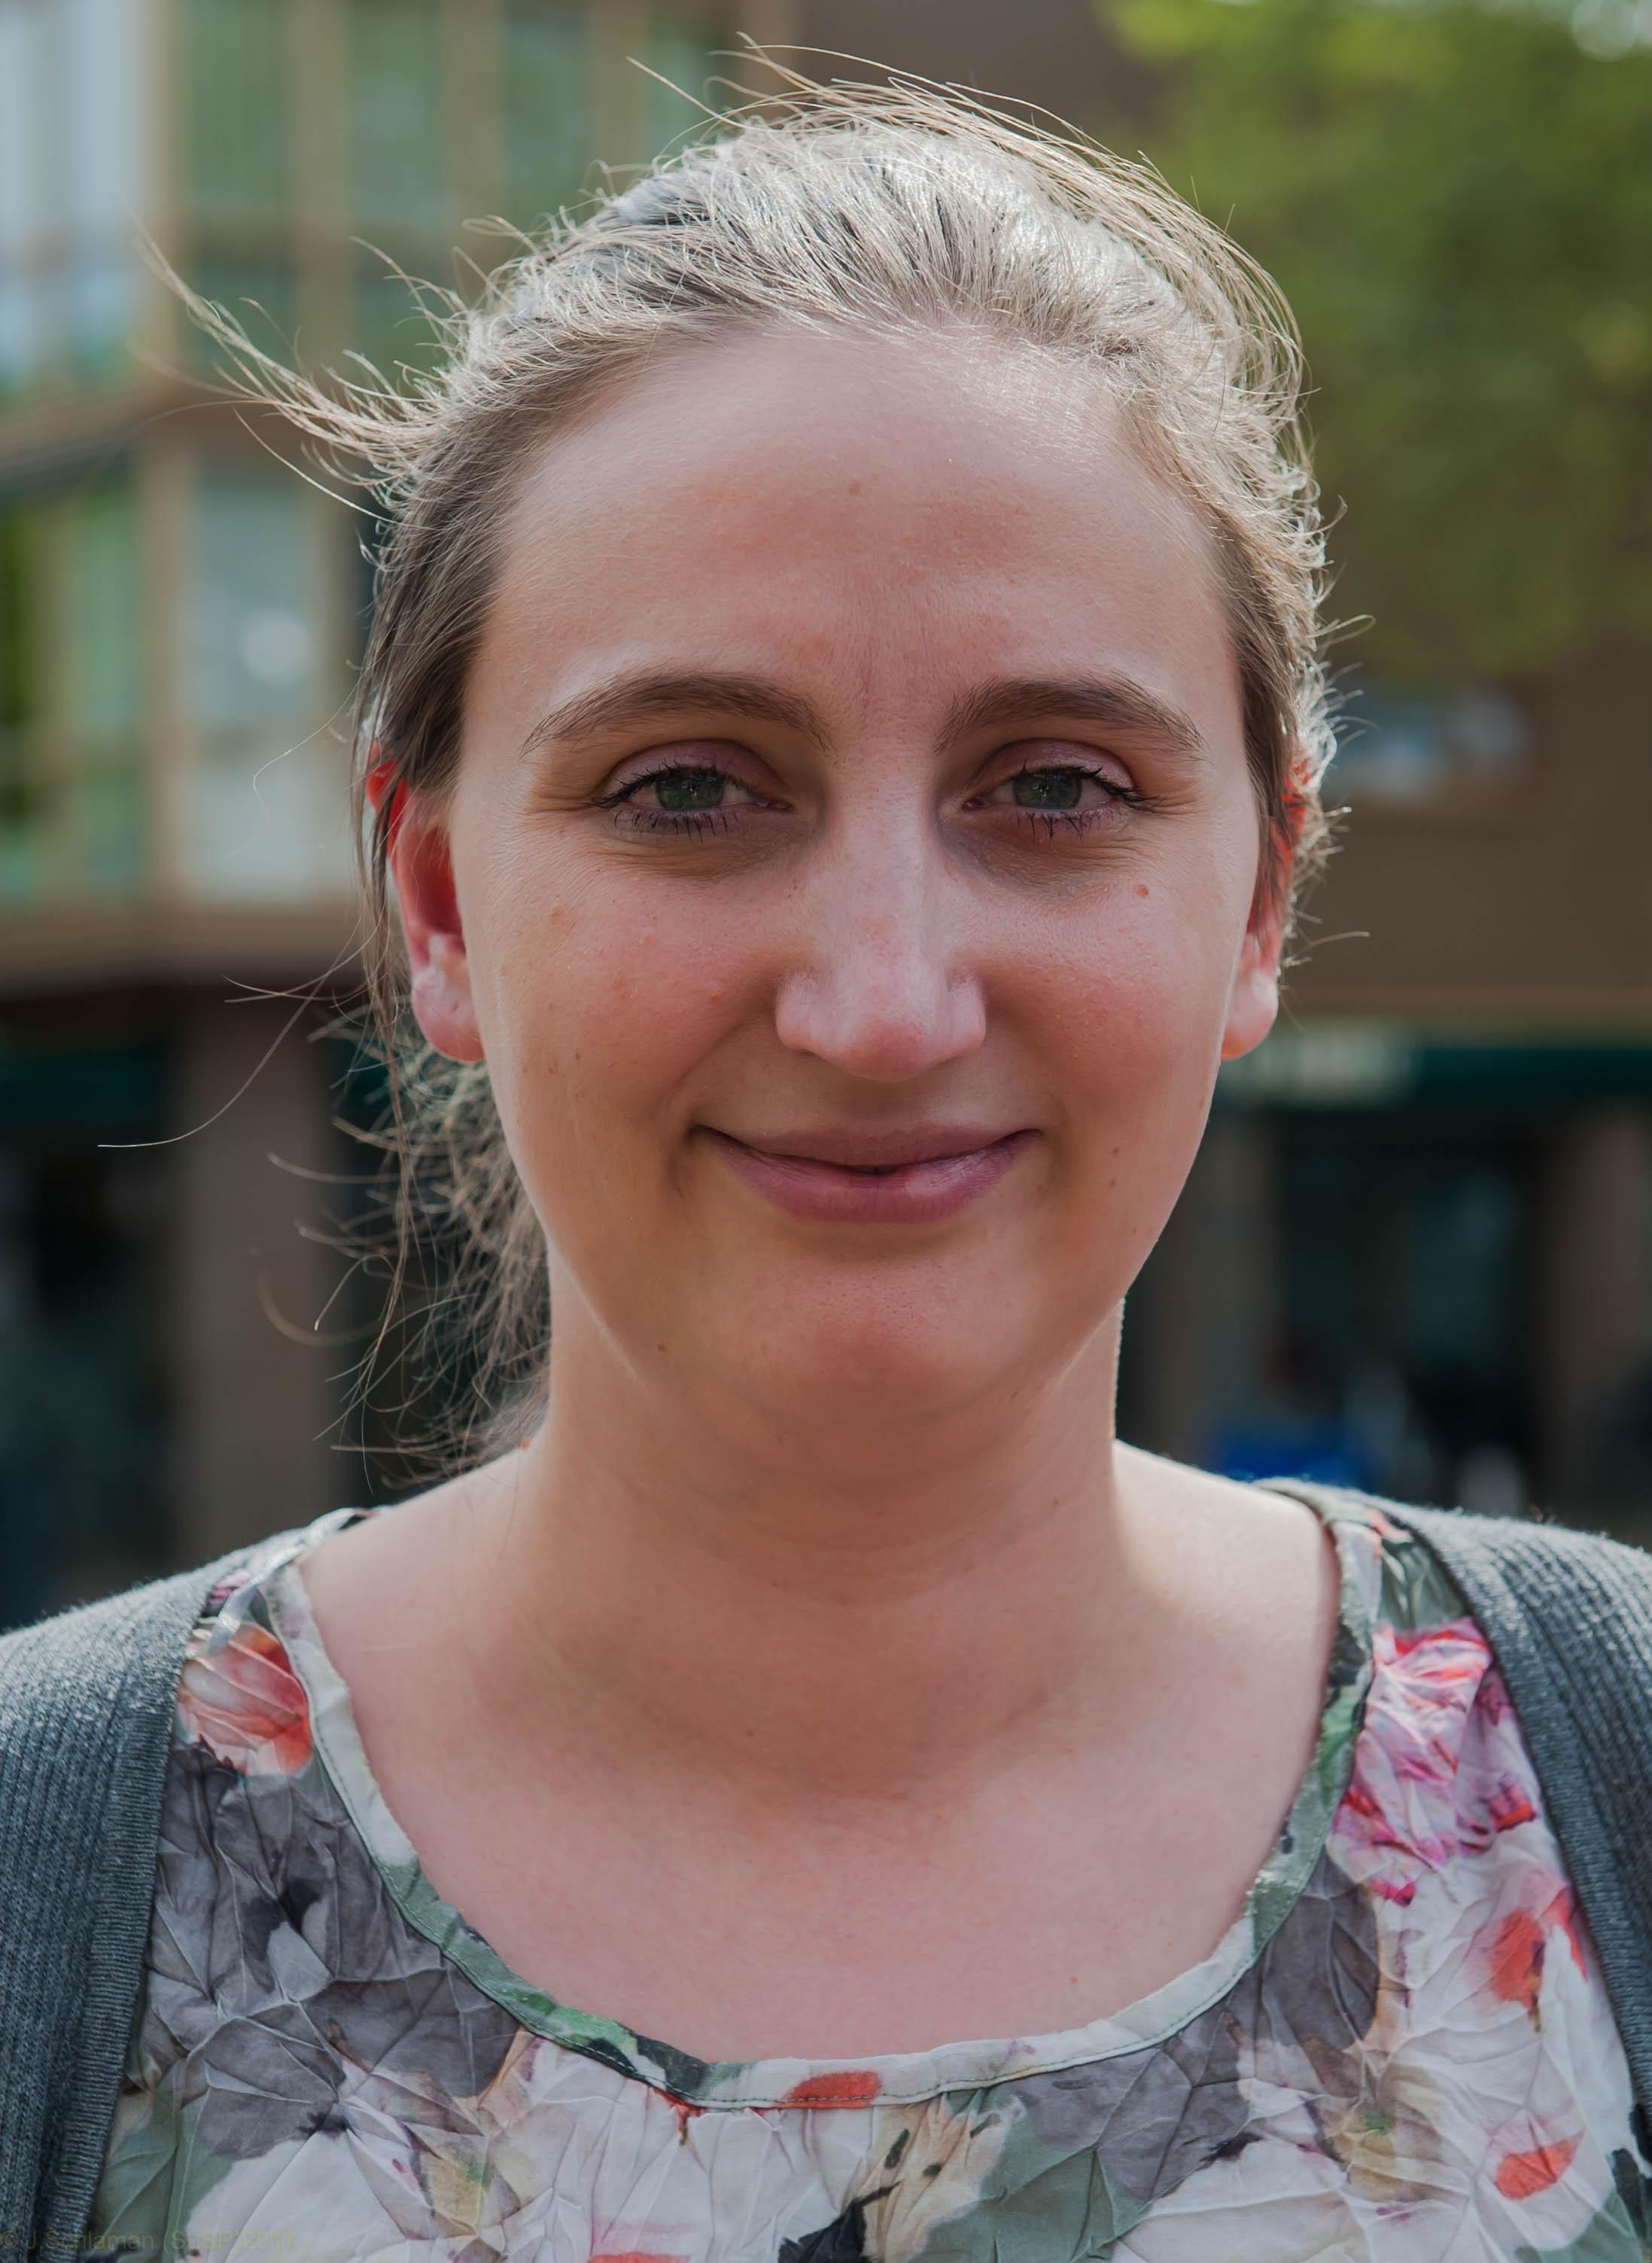 Welzijnswerker Amber d'Haene helpt met online training Stede Broecers die zich eenzaam voelen: Dat praatje in de supermarkt